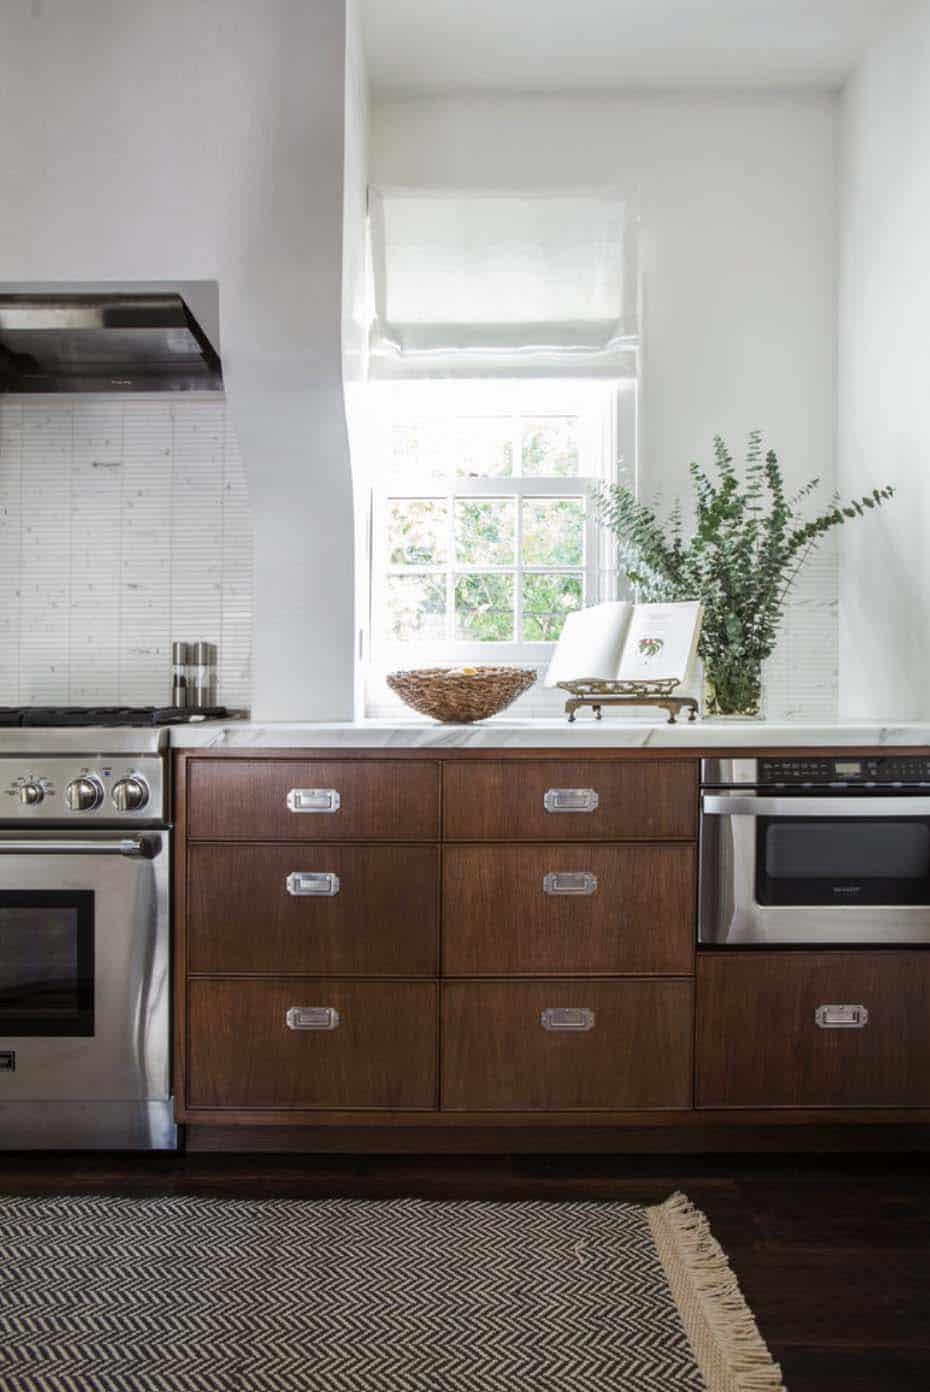 Maison d'hôtes de style cottage-Marie Flanigan Interiors-10-1 Kindesign